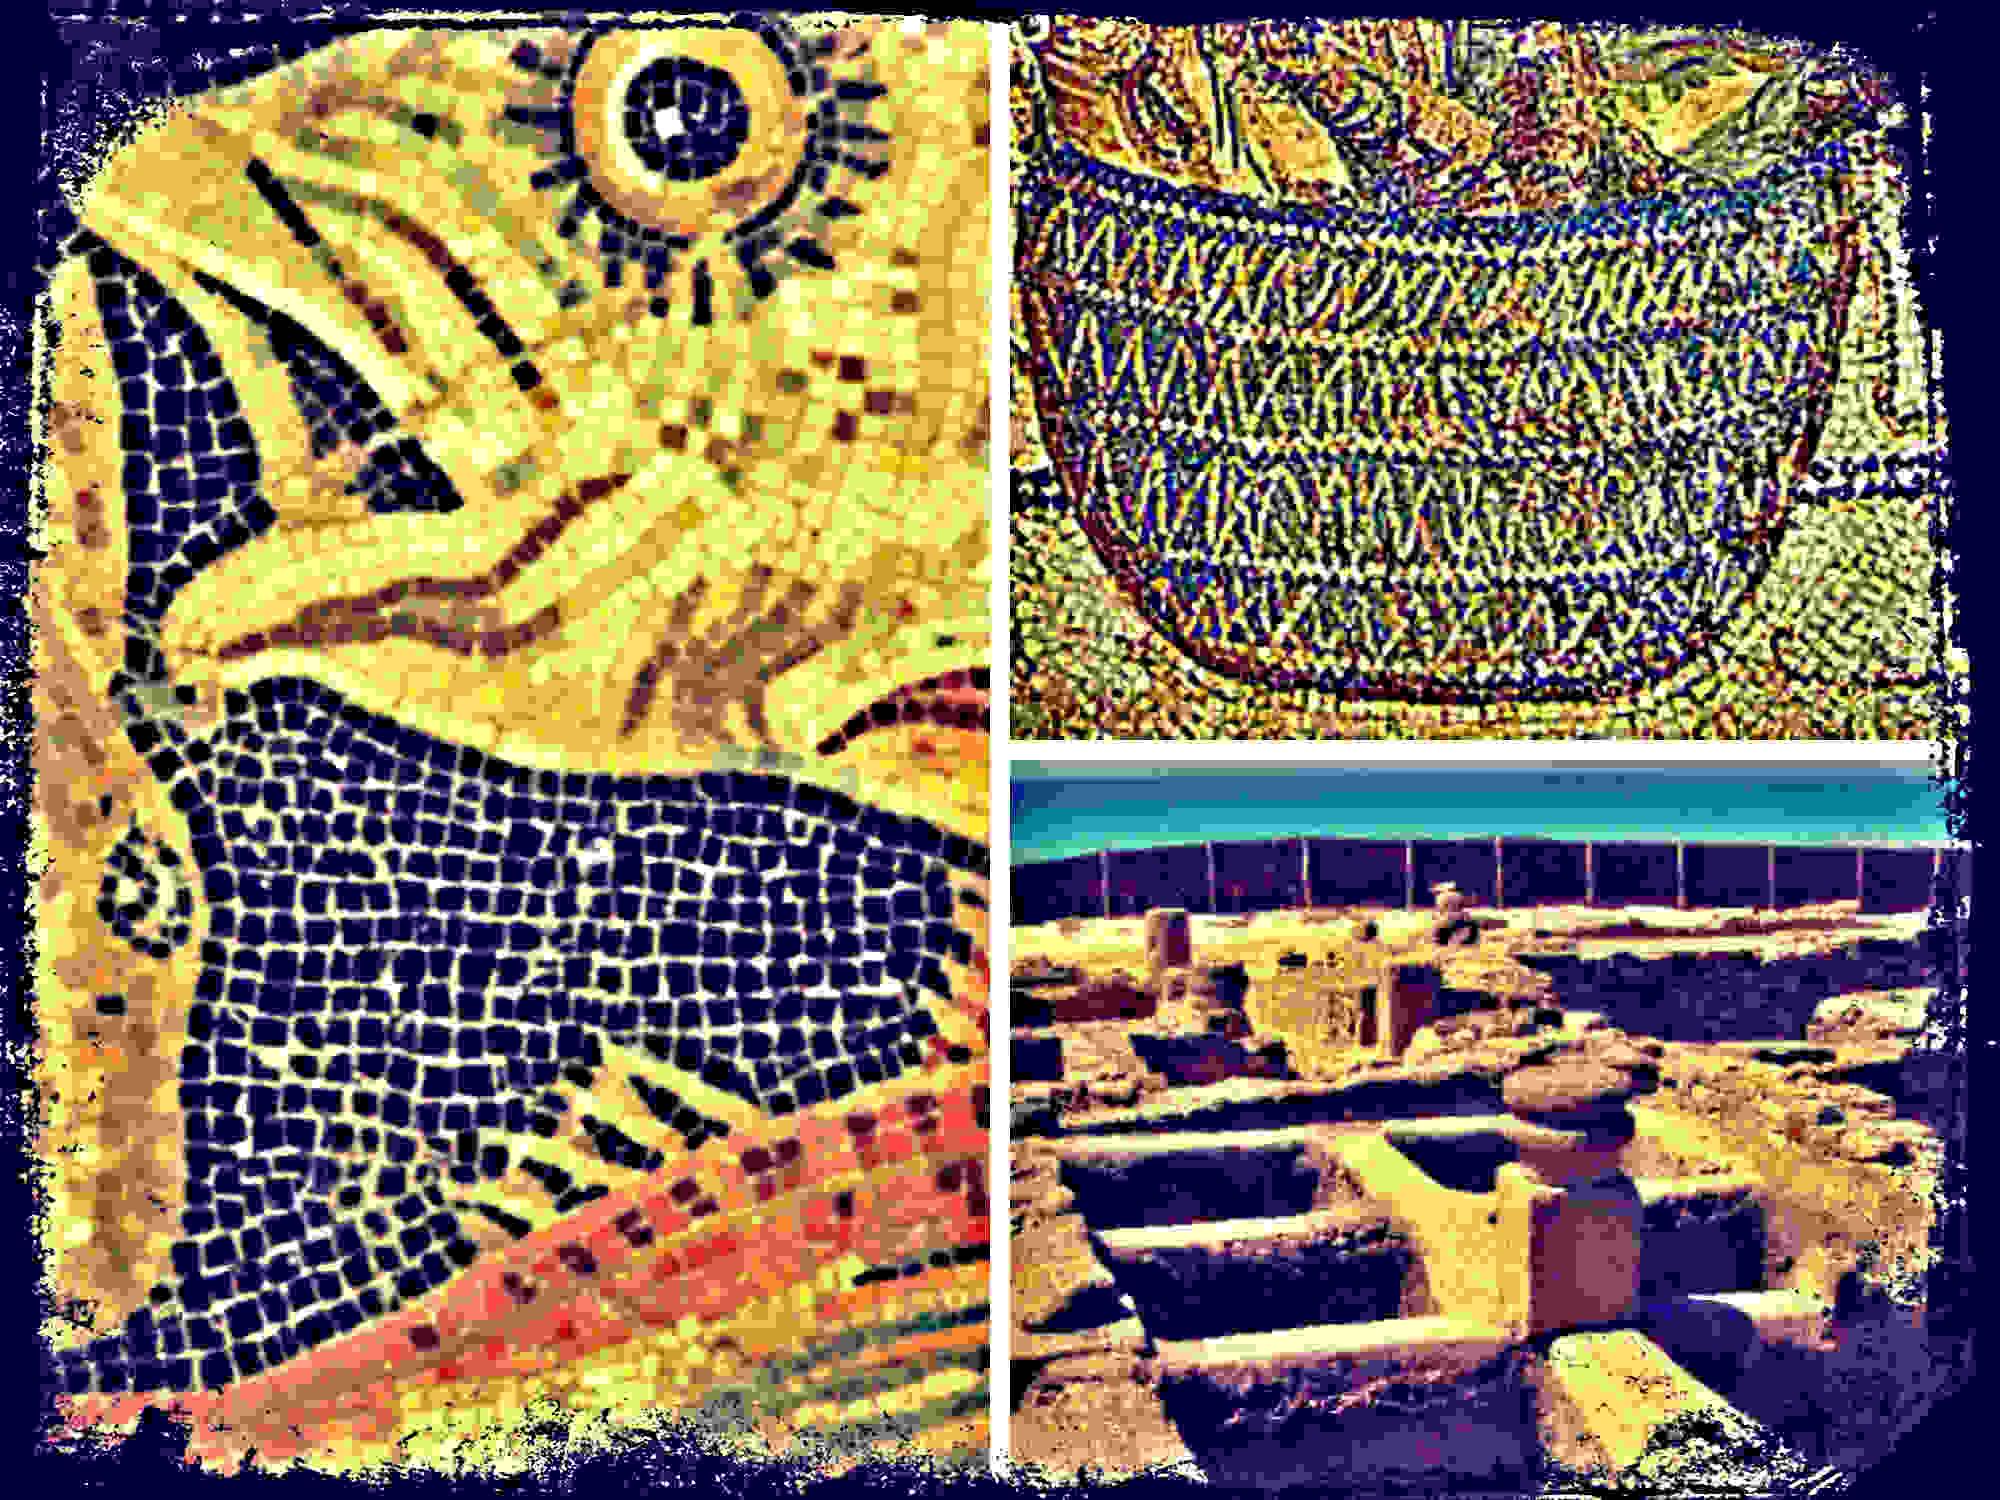 La acuicultura romana